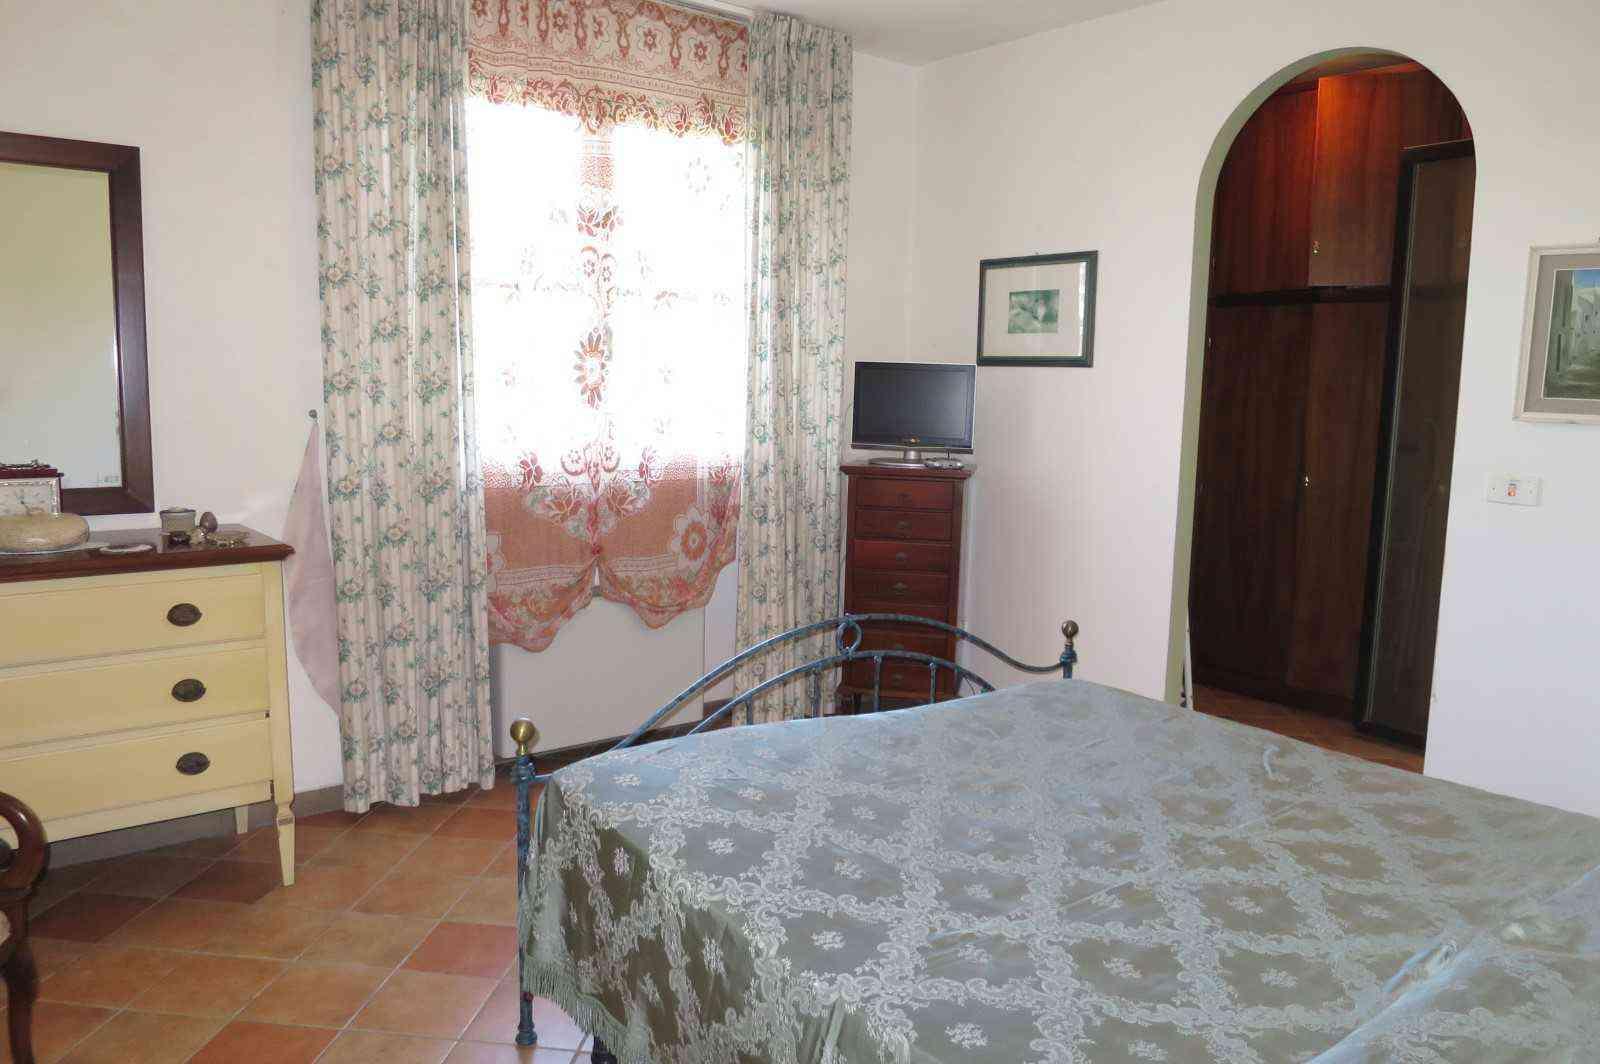 Villa Villa for sale Atri (TE), Villa Paola - Atri - EUR 473.281 190